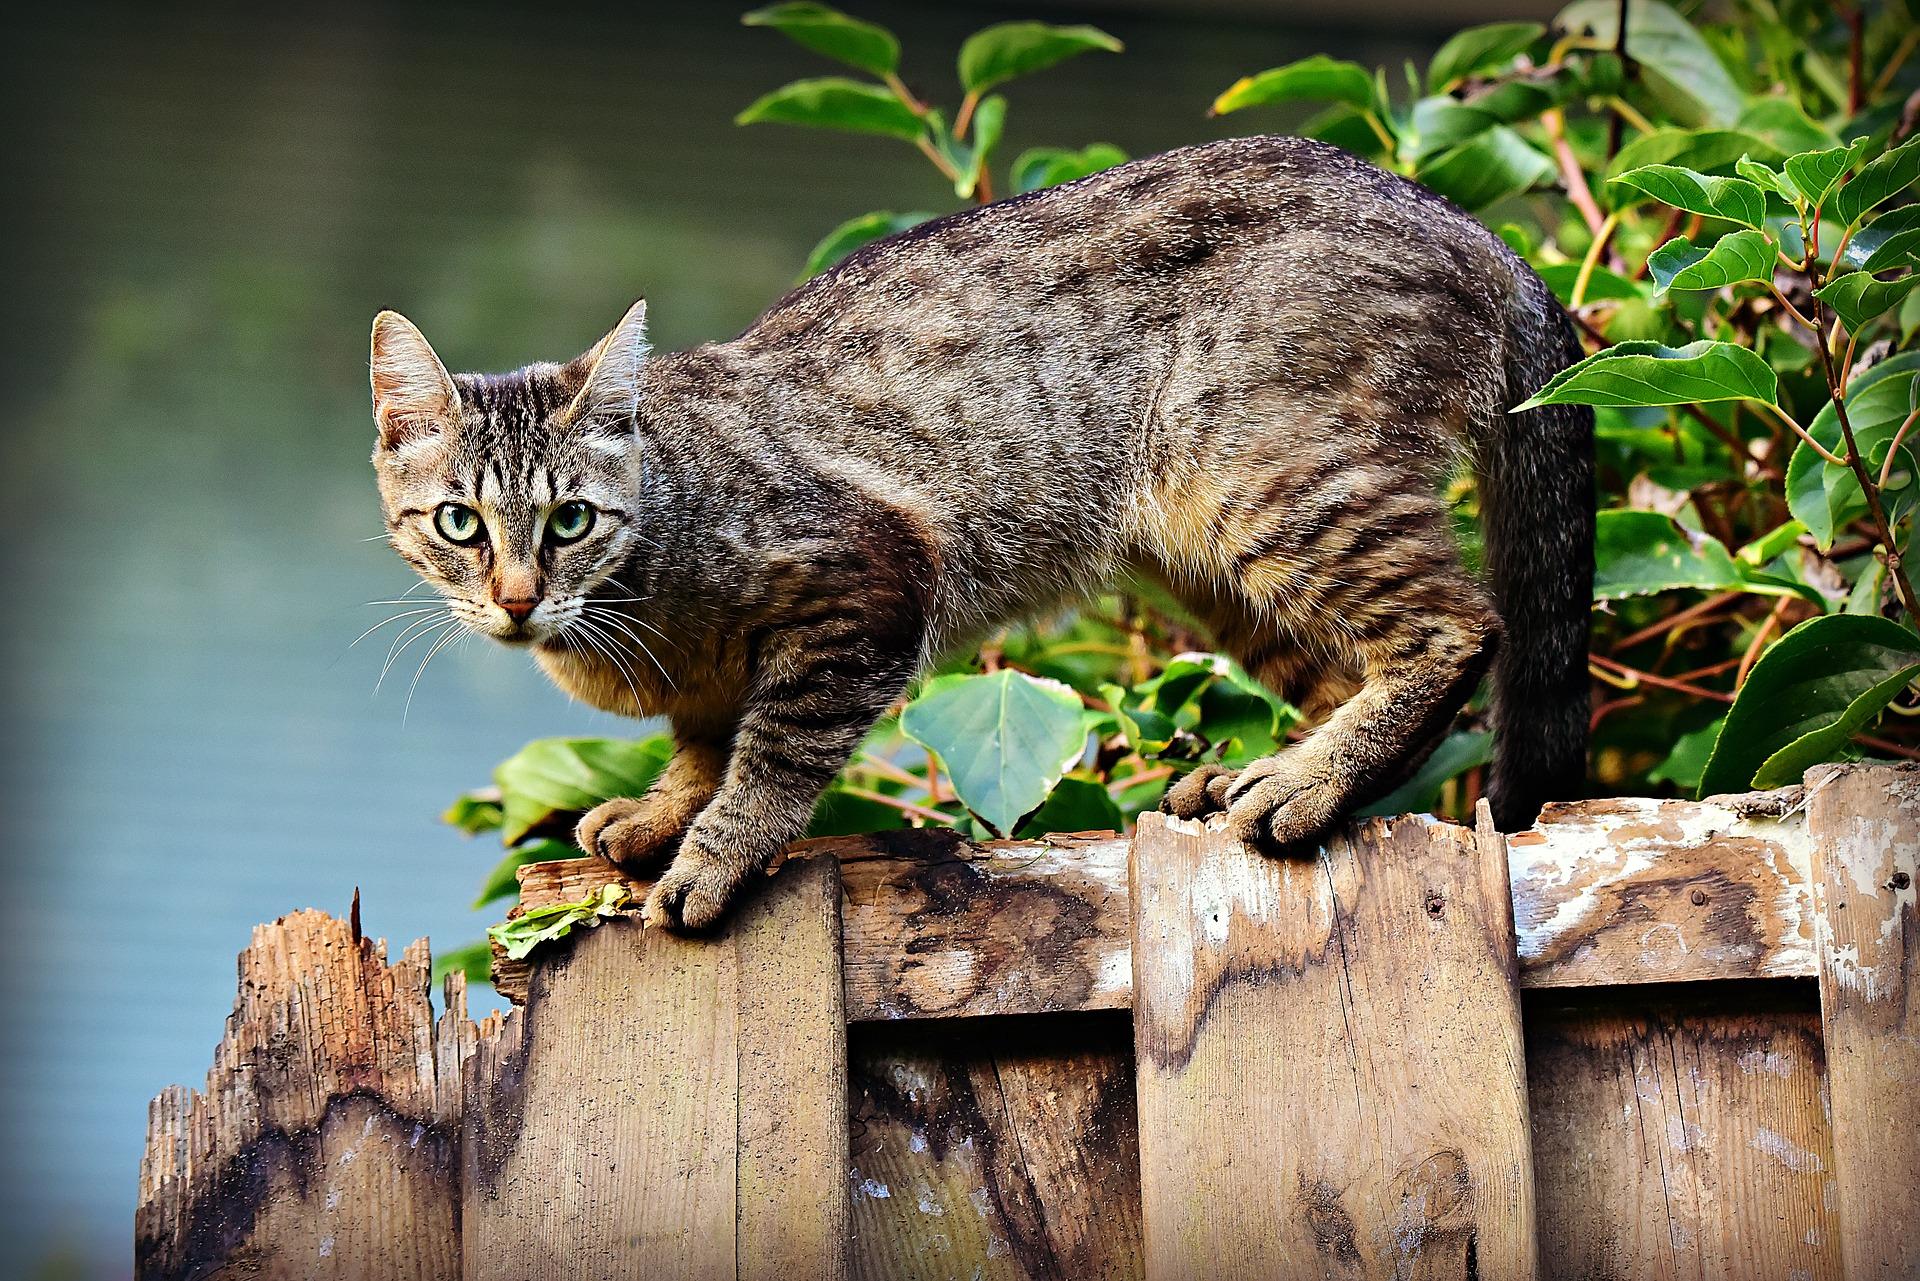 Los gatos callejeros viven menos que los caseros